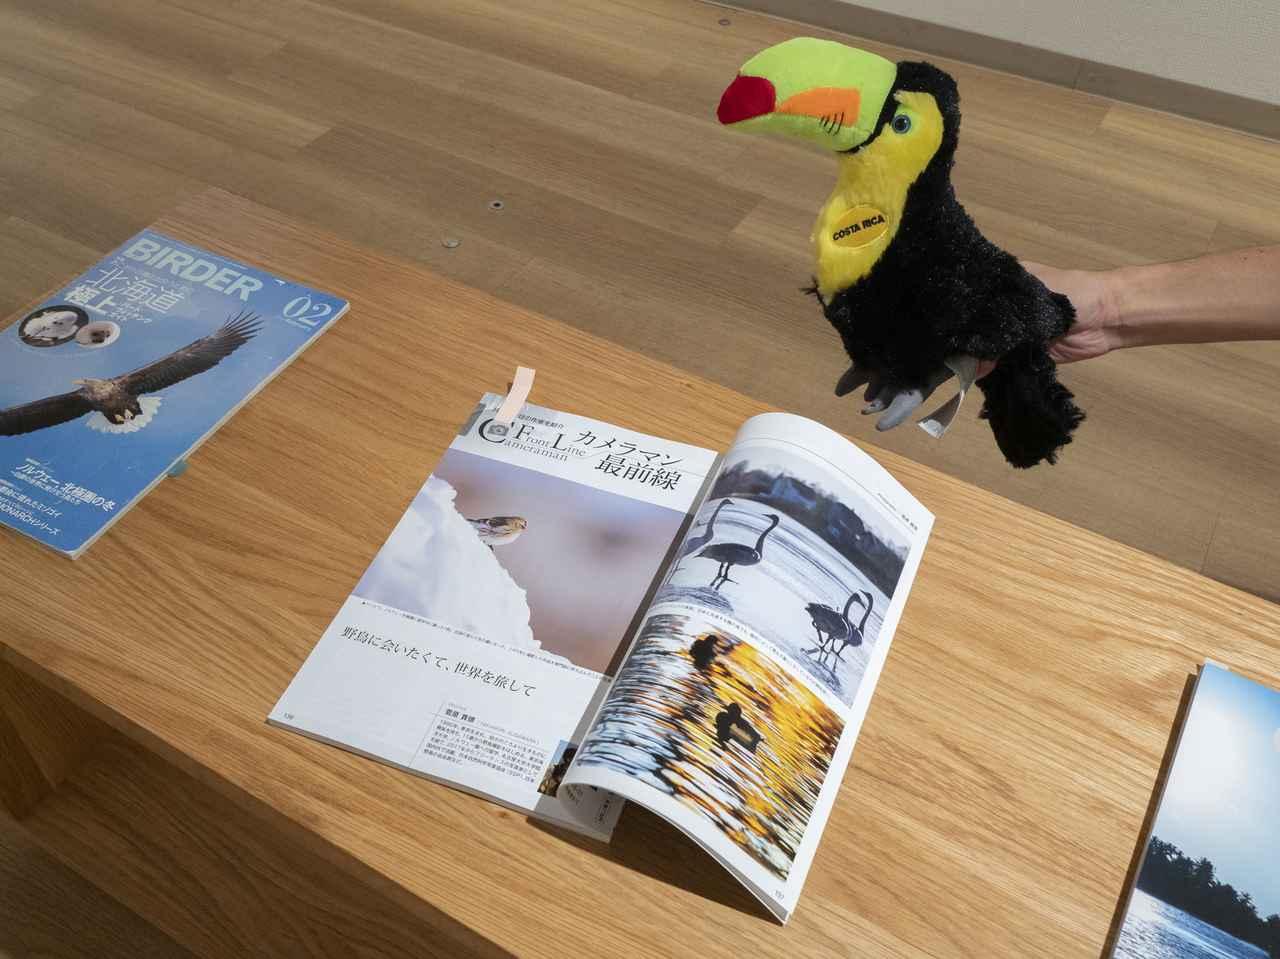 画像: 菅原さんは2019年1月号のカメラマン最前線に登場いただいてます。サンショクキムネオオハシもくぎづけ!?